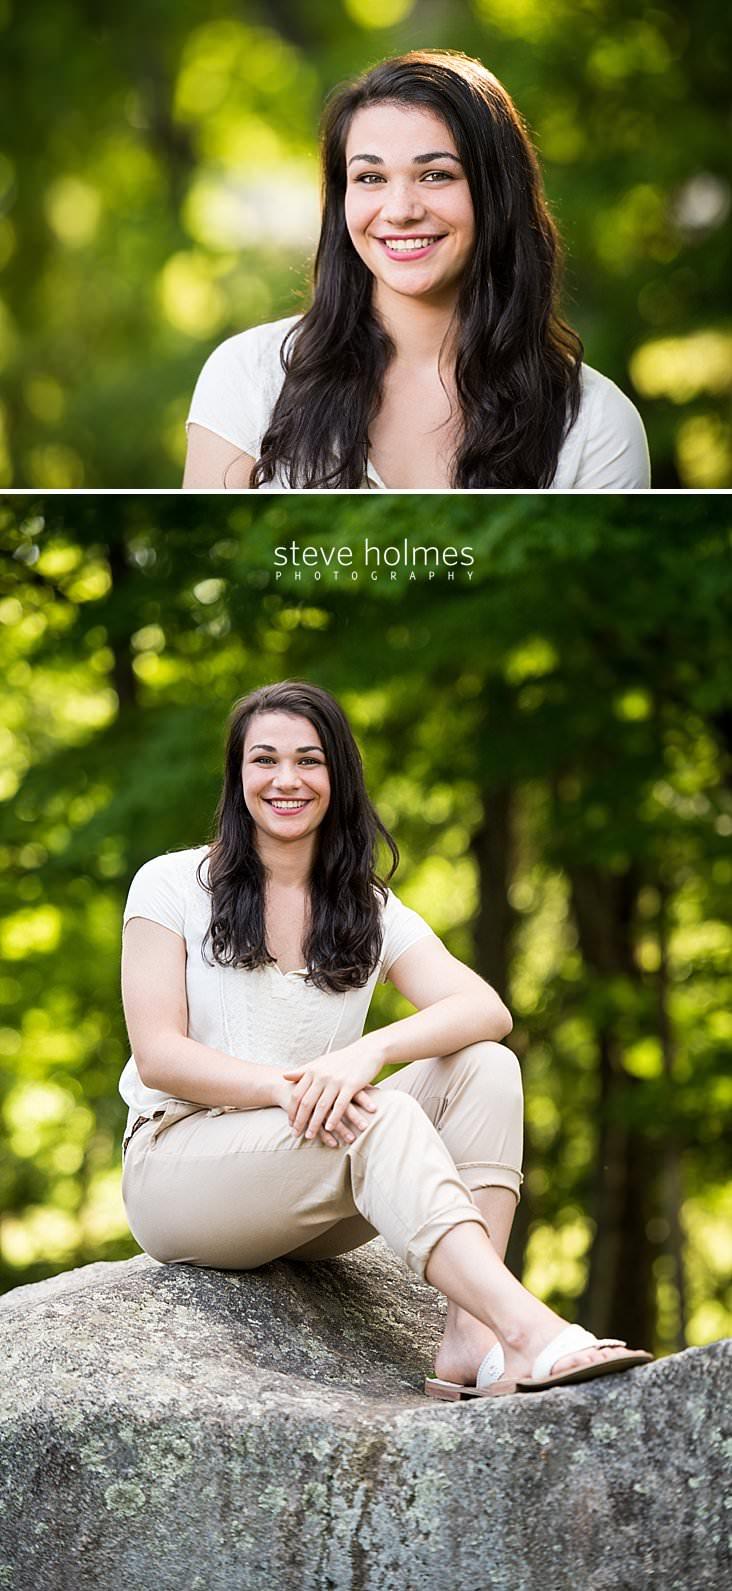 09_Brunette girl smiles against green outdoor backdrop.jpg